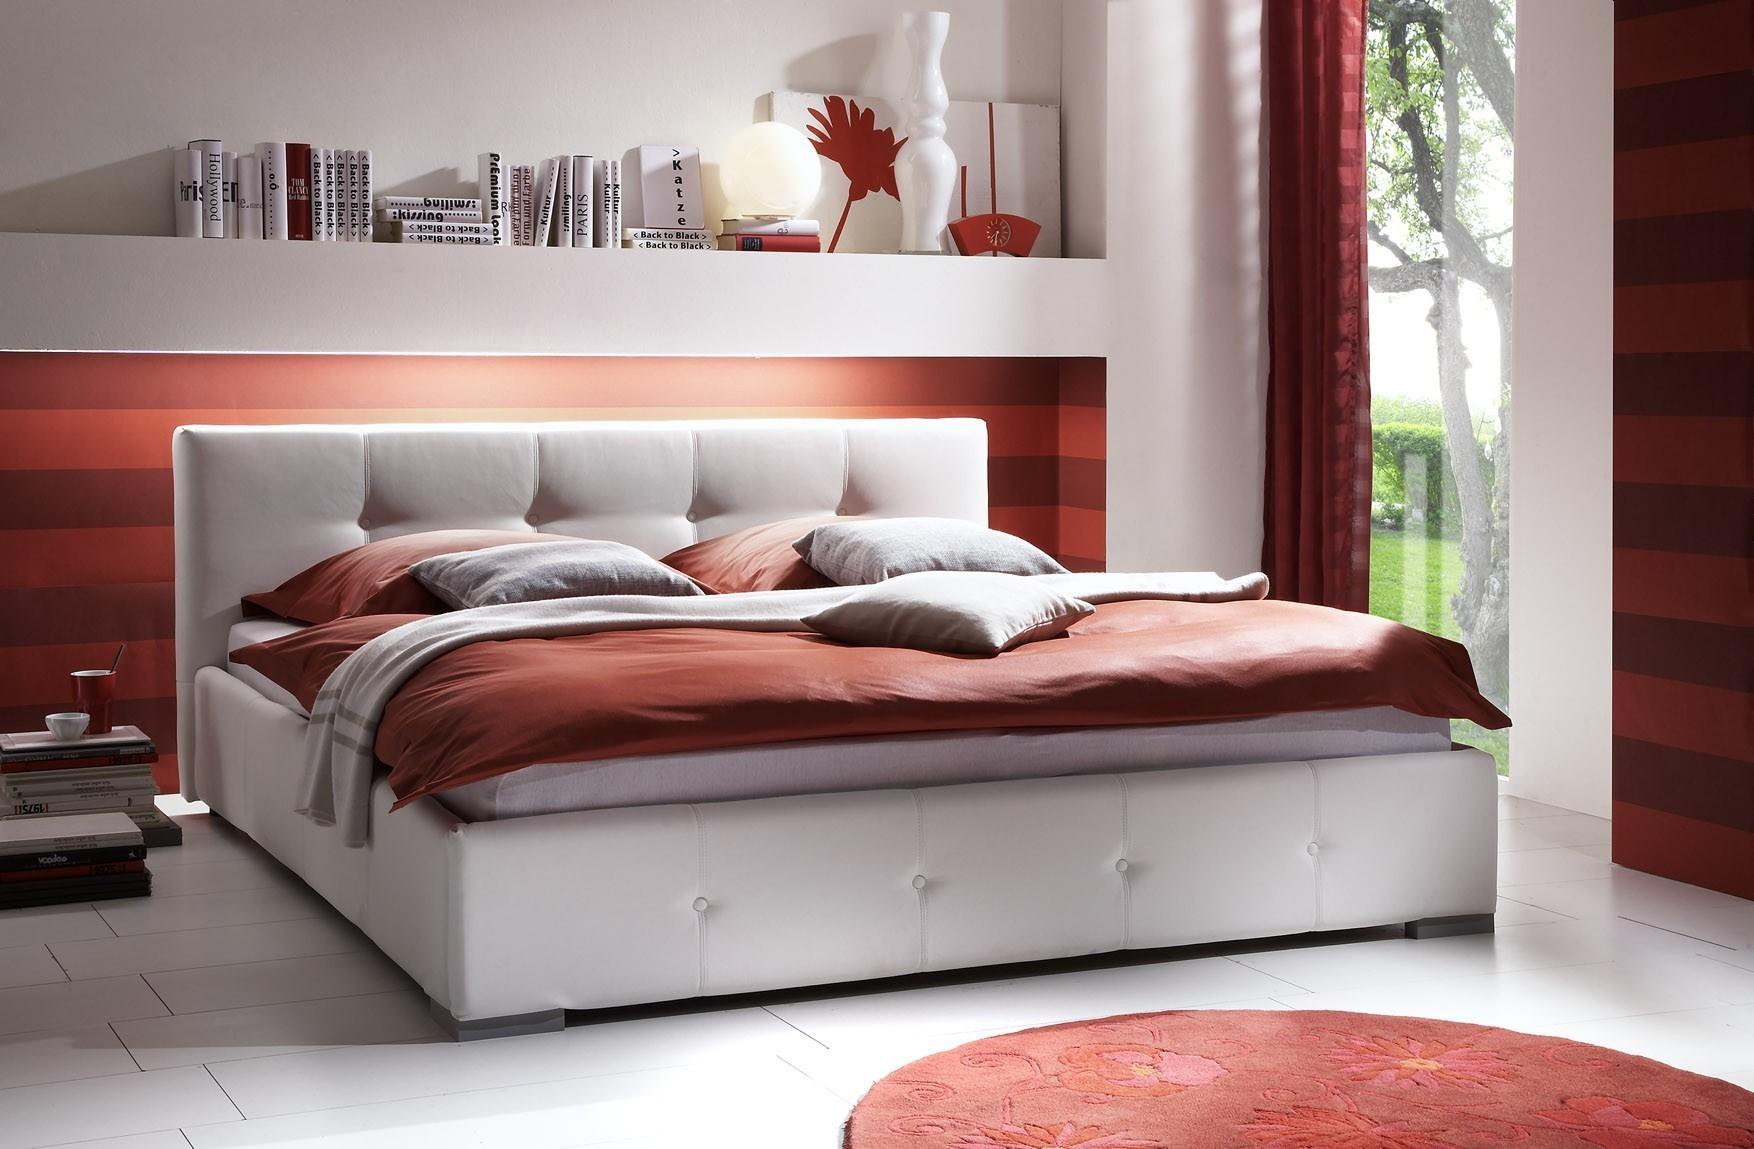 Letto matrimoniale con contenitore modello pia new anche - Dove comprare un letto matrimoniale ...